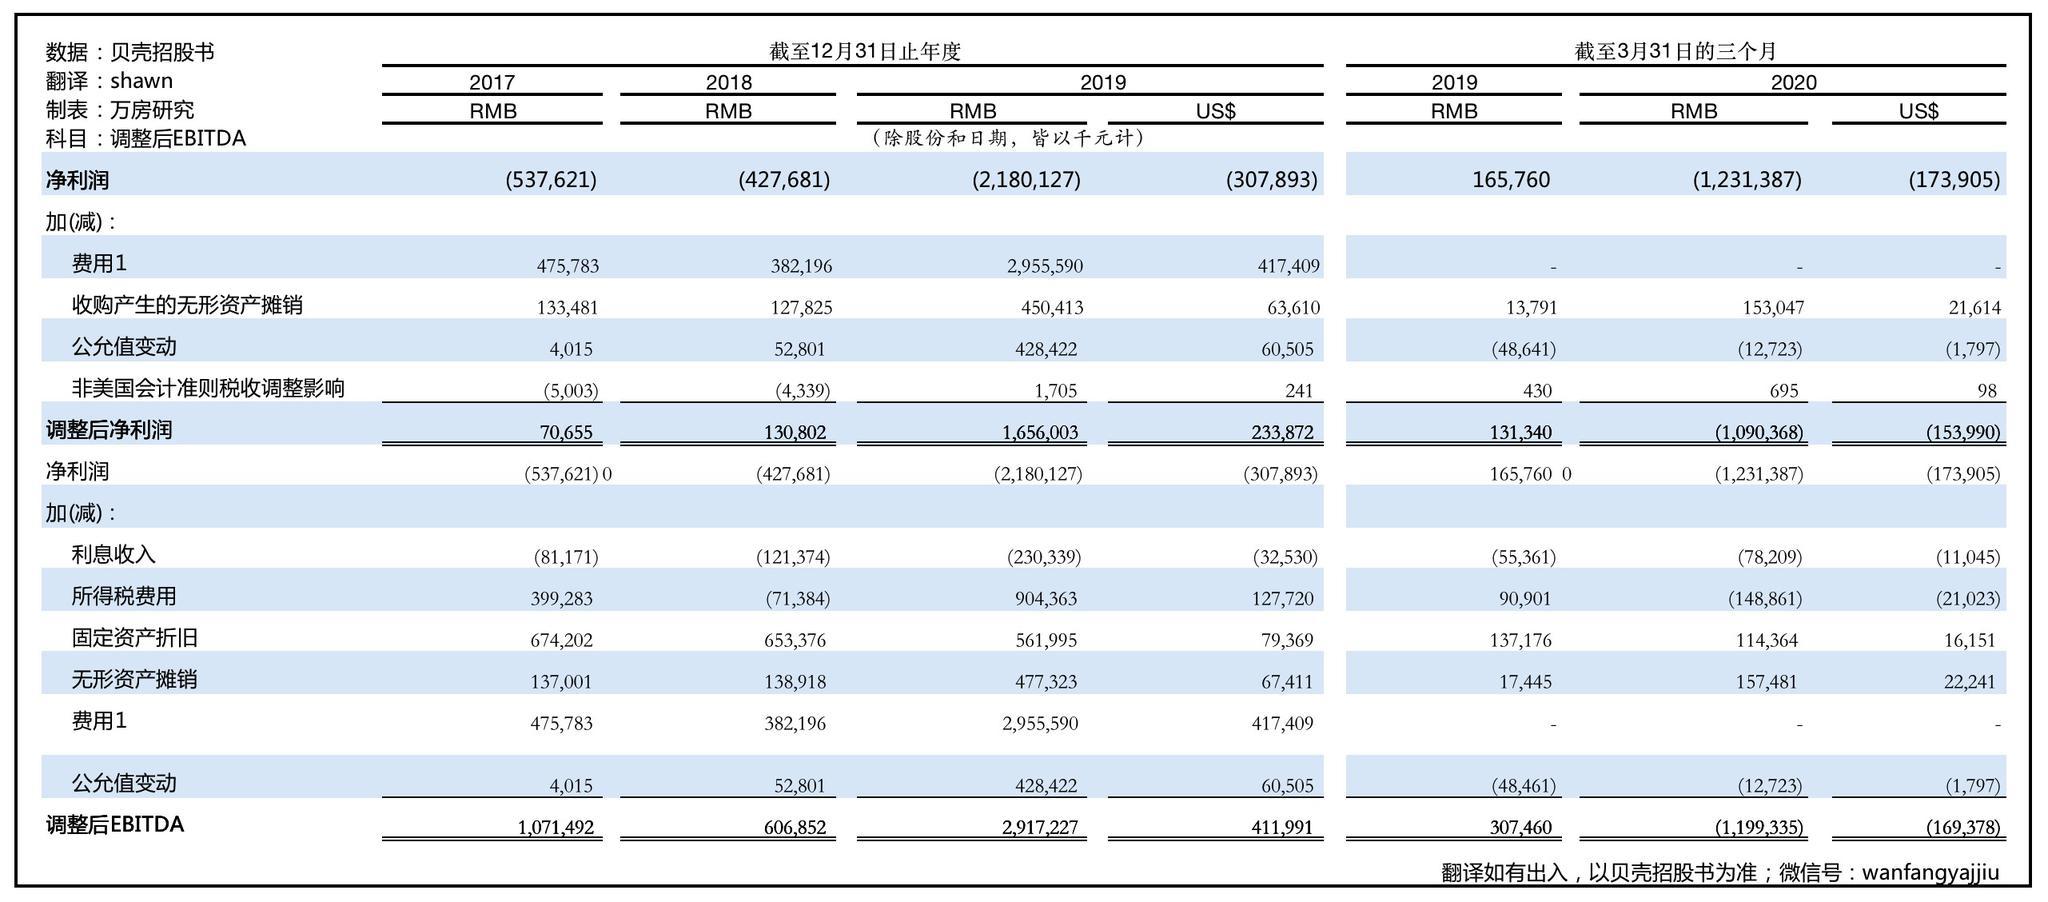 贝壳找房上市,最新IPO招股书显示:业绩持续增长